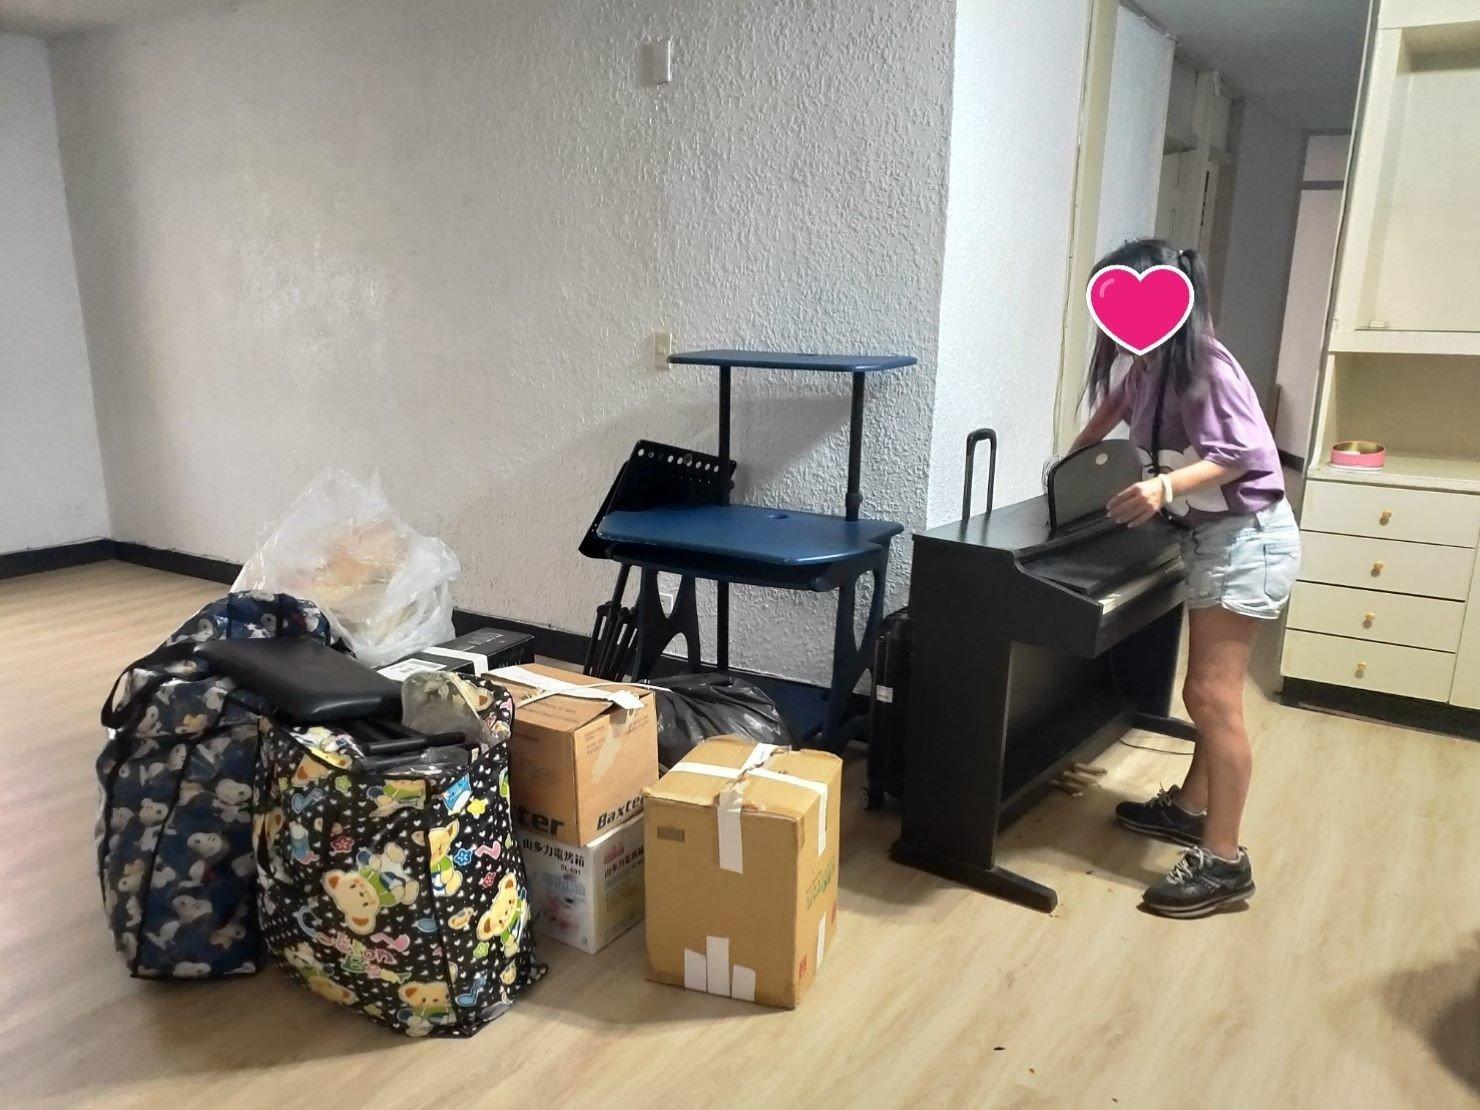 新北搬家【榮福搬家】搬家首選、台北搬家推薦:榮福搬家搬鋼琴,加載其餘小物件一起搬運至顧客新居之服務。